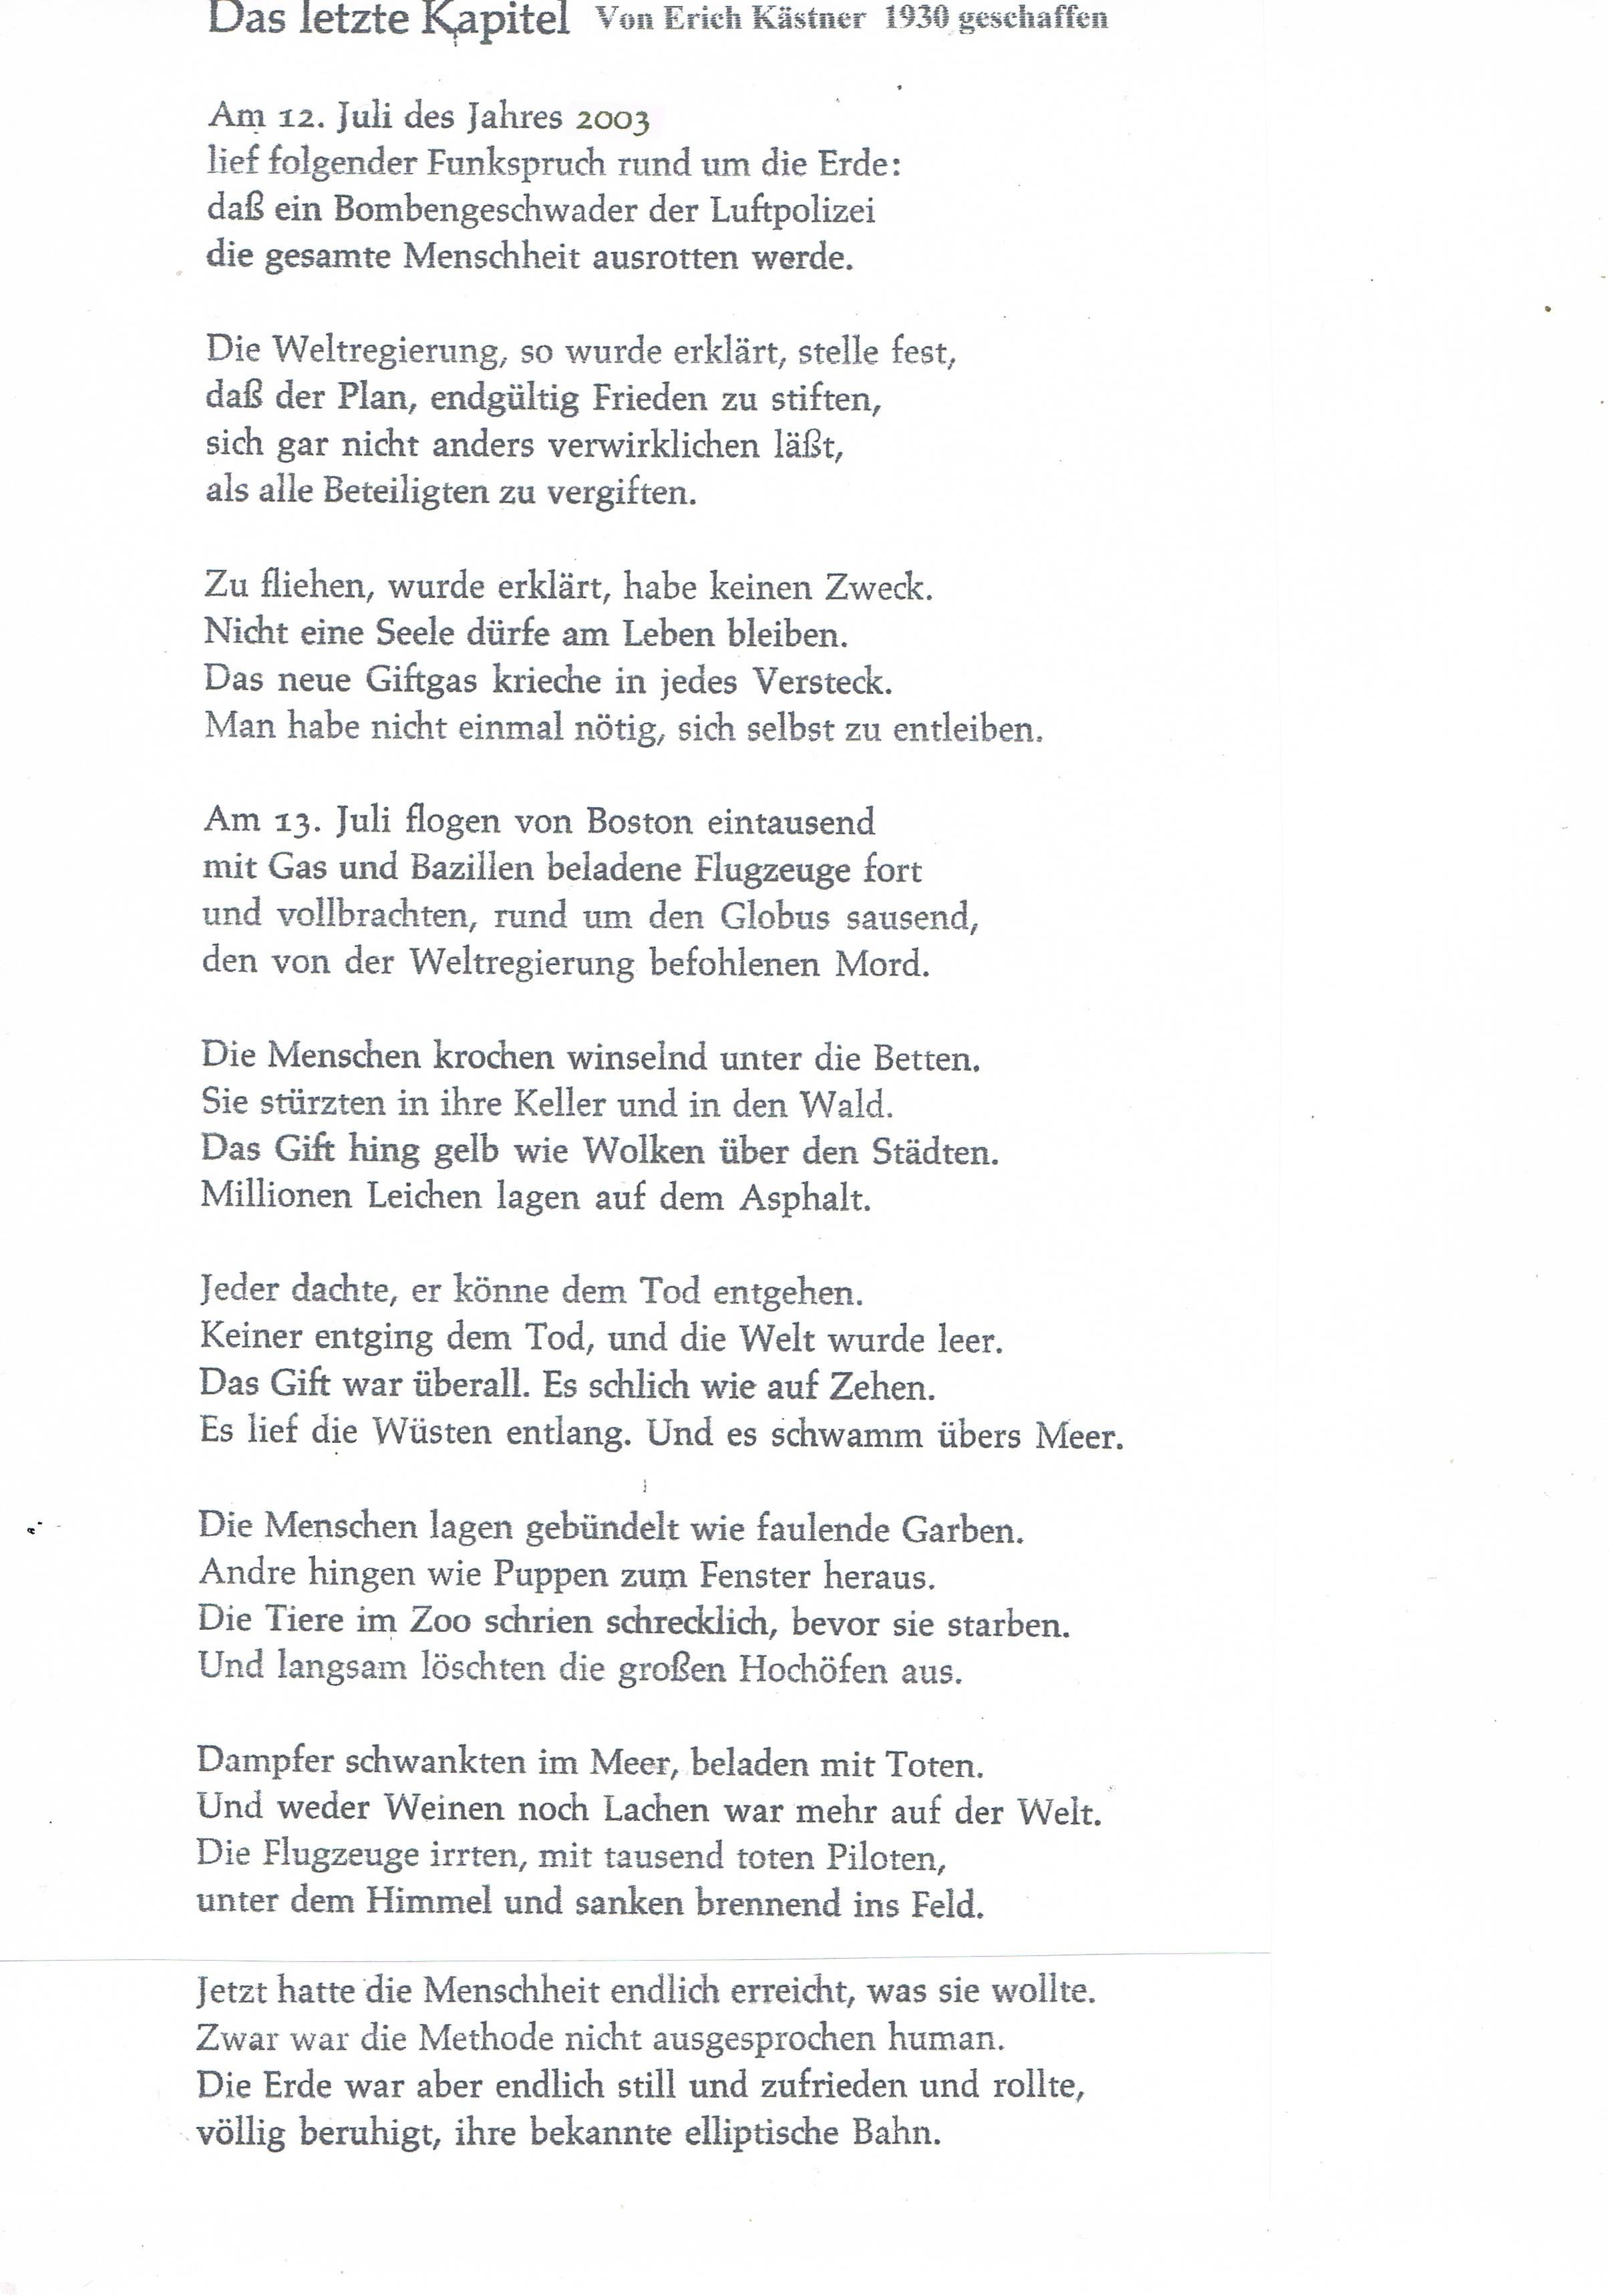 Erich Kästner Gedicht über Chemische Kriegsführung